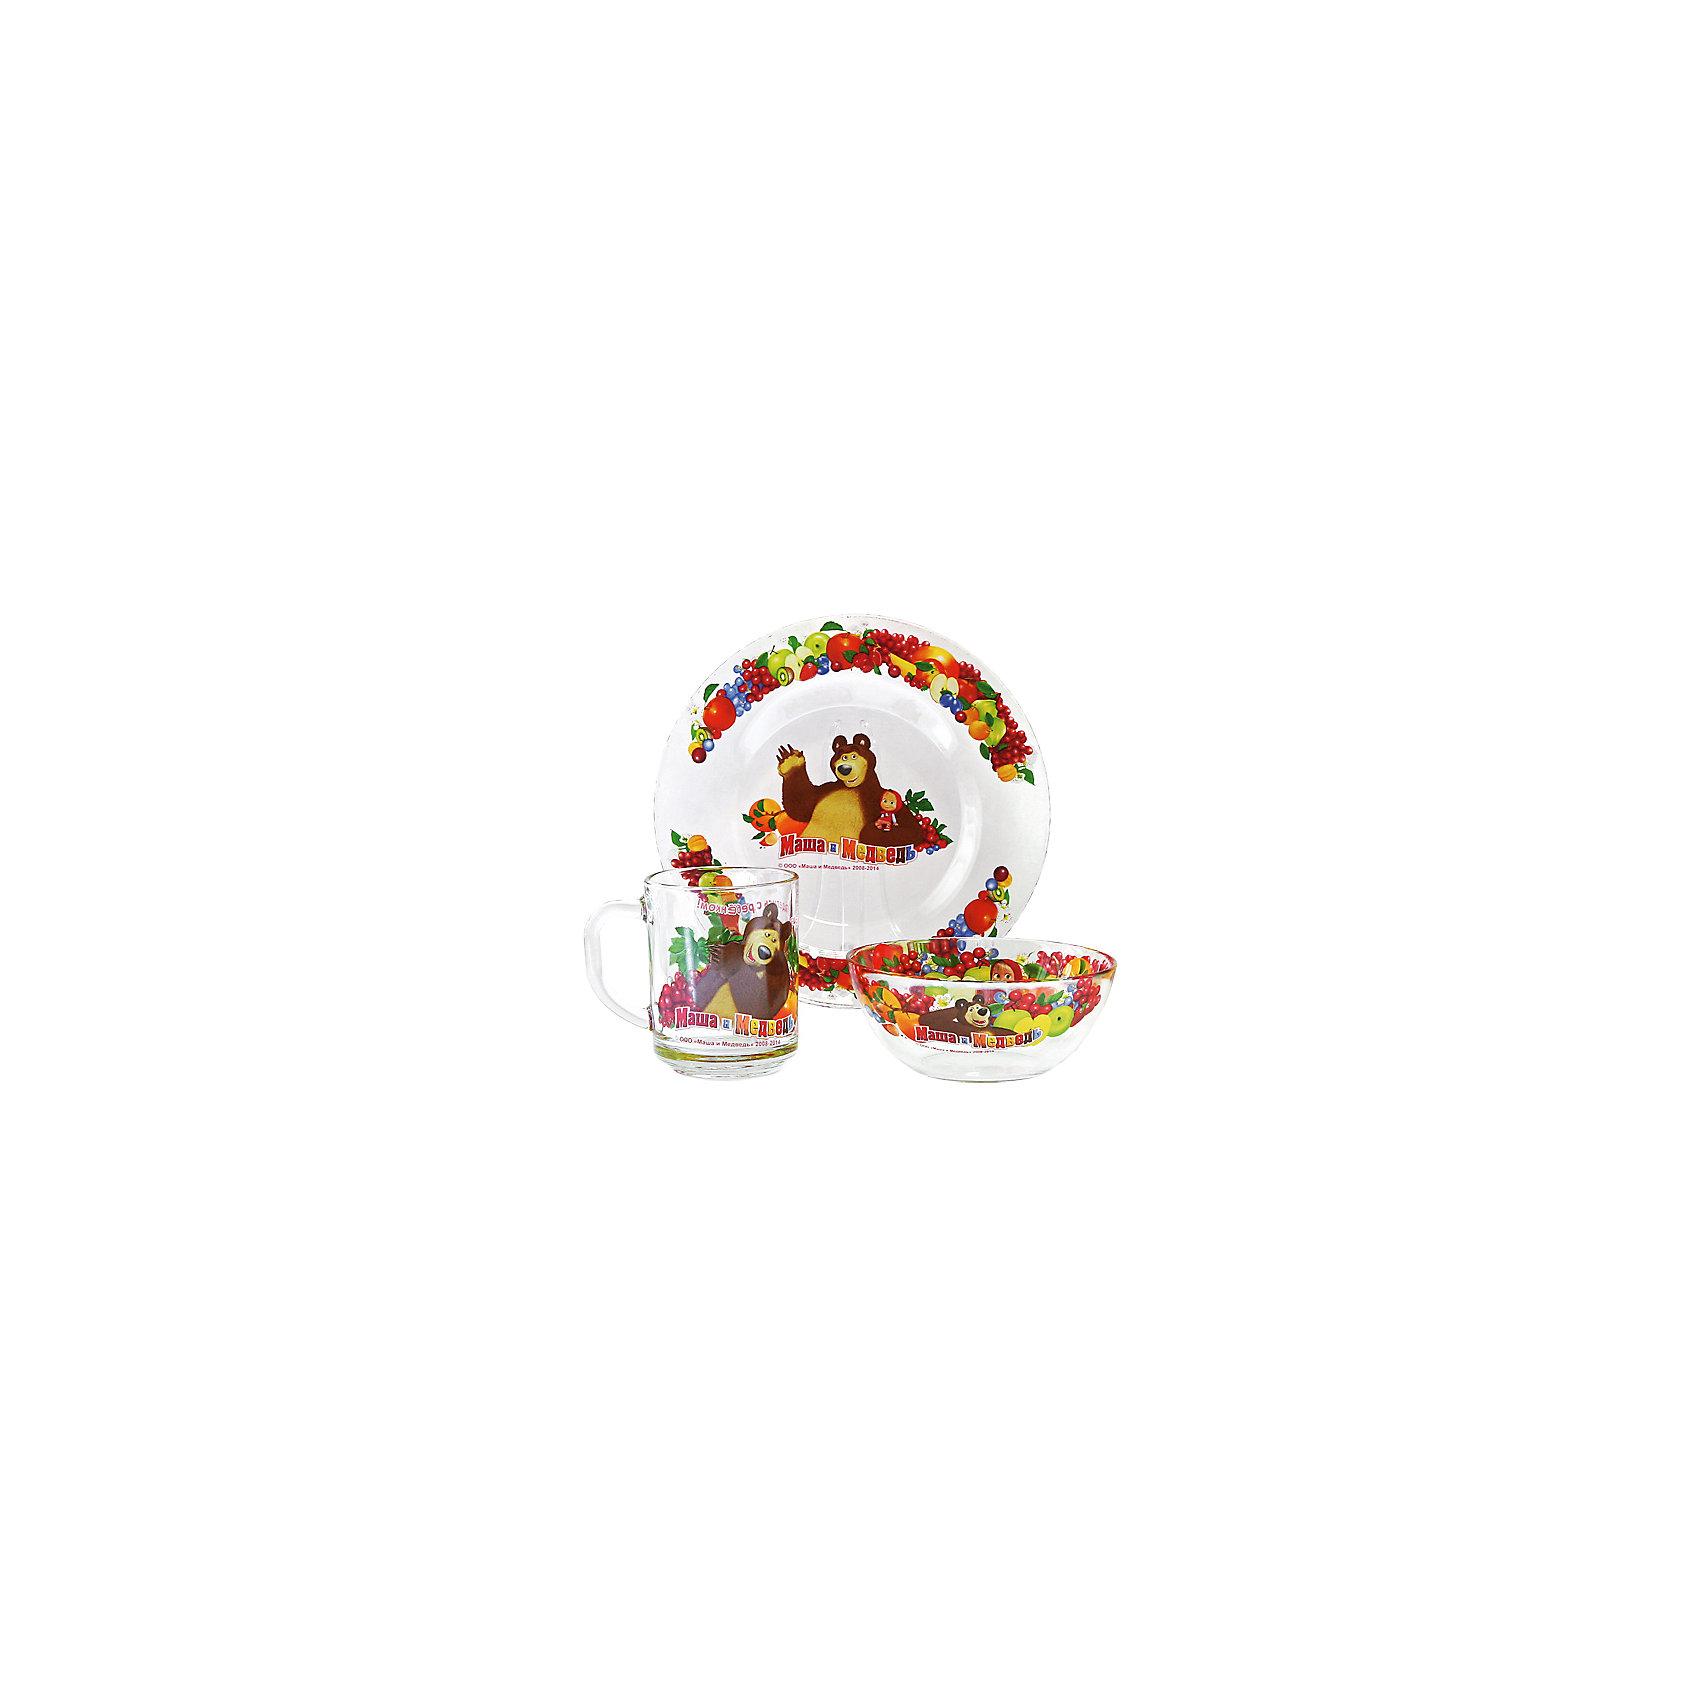 Набор посуды Фруктовая корзина (3 предмета, стекло), Маша и МедведьНабор посуды Фруктовая корзина (3 предмета, стекло), Маша и Медведь – посуда с героями мультсериала «Маша и Медведь» порадует ребенка.<br>Набор красочной детской посуды Маша и Медведь Фруктовая корзина выполненный из качественного стекла, идеально подойдет для повседневного использования. В комплект входят: кружка с удобной ручкой, салатник-супница, тарелка. Все предметы украшены яркими изображениями проказницы Маши, добродушного Медведя, ягод и фруктов. С такой посудой привычная еда станет более вкусной и приятной, а кормление малыша превратится в веселую и интересную игру.<br><br>Дополнительная информация:<br><br>- В наборе: кружка, салатник-супница, тарелка<br>- Материал: стекло<br>- Диаметр тарелки: 19,5 см.<br>- Диаметр салатника: 12,5 см.<br>- Высота салатника: 5 см.<br>- Объем кружки: 250 мл.<br>- Диаметр кружки: 7 см.<br>- Высота кружки: 9 см.<br>- Упаковка: удобная, красочная картонная коробка<br>- Размер упаковки: 20,5 x 11 x 20,5 см.<br>- Вес: 860 гр.<br>- Пригодна для мытья в посудомоечной машине<br><br>Набор посуды Фруктовая корзина (3 предмета, стекло), Маша и Медведь можно купить в нашем интернет-магазине.<br><br>Ширина мм: 205<br>Глубина мм: 110<br>Высота мм: 205<br>Вес г: 860<br>Возраст от месяцев: 36<br>Возраст до месяцев: 108<br>Пол: Унисекс<br>Возраст: Детский<br>SKU: 4606782